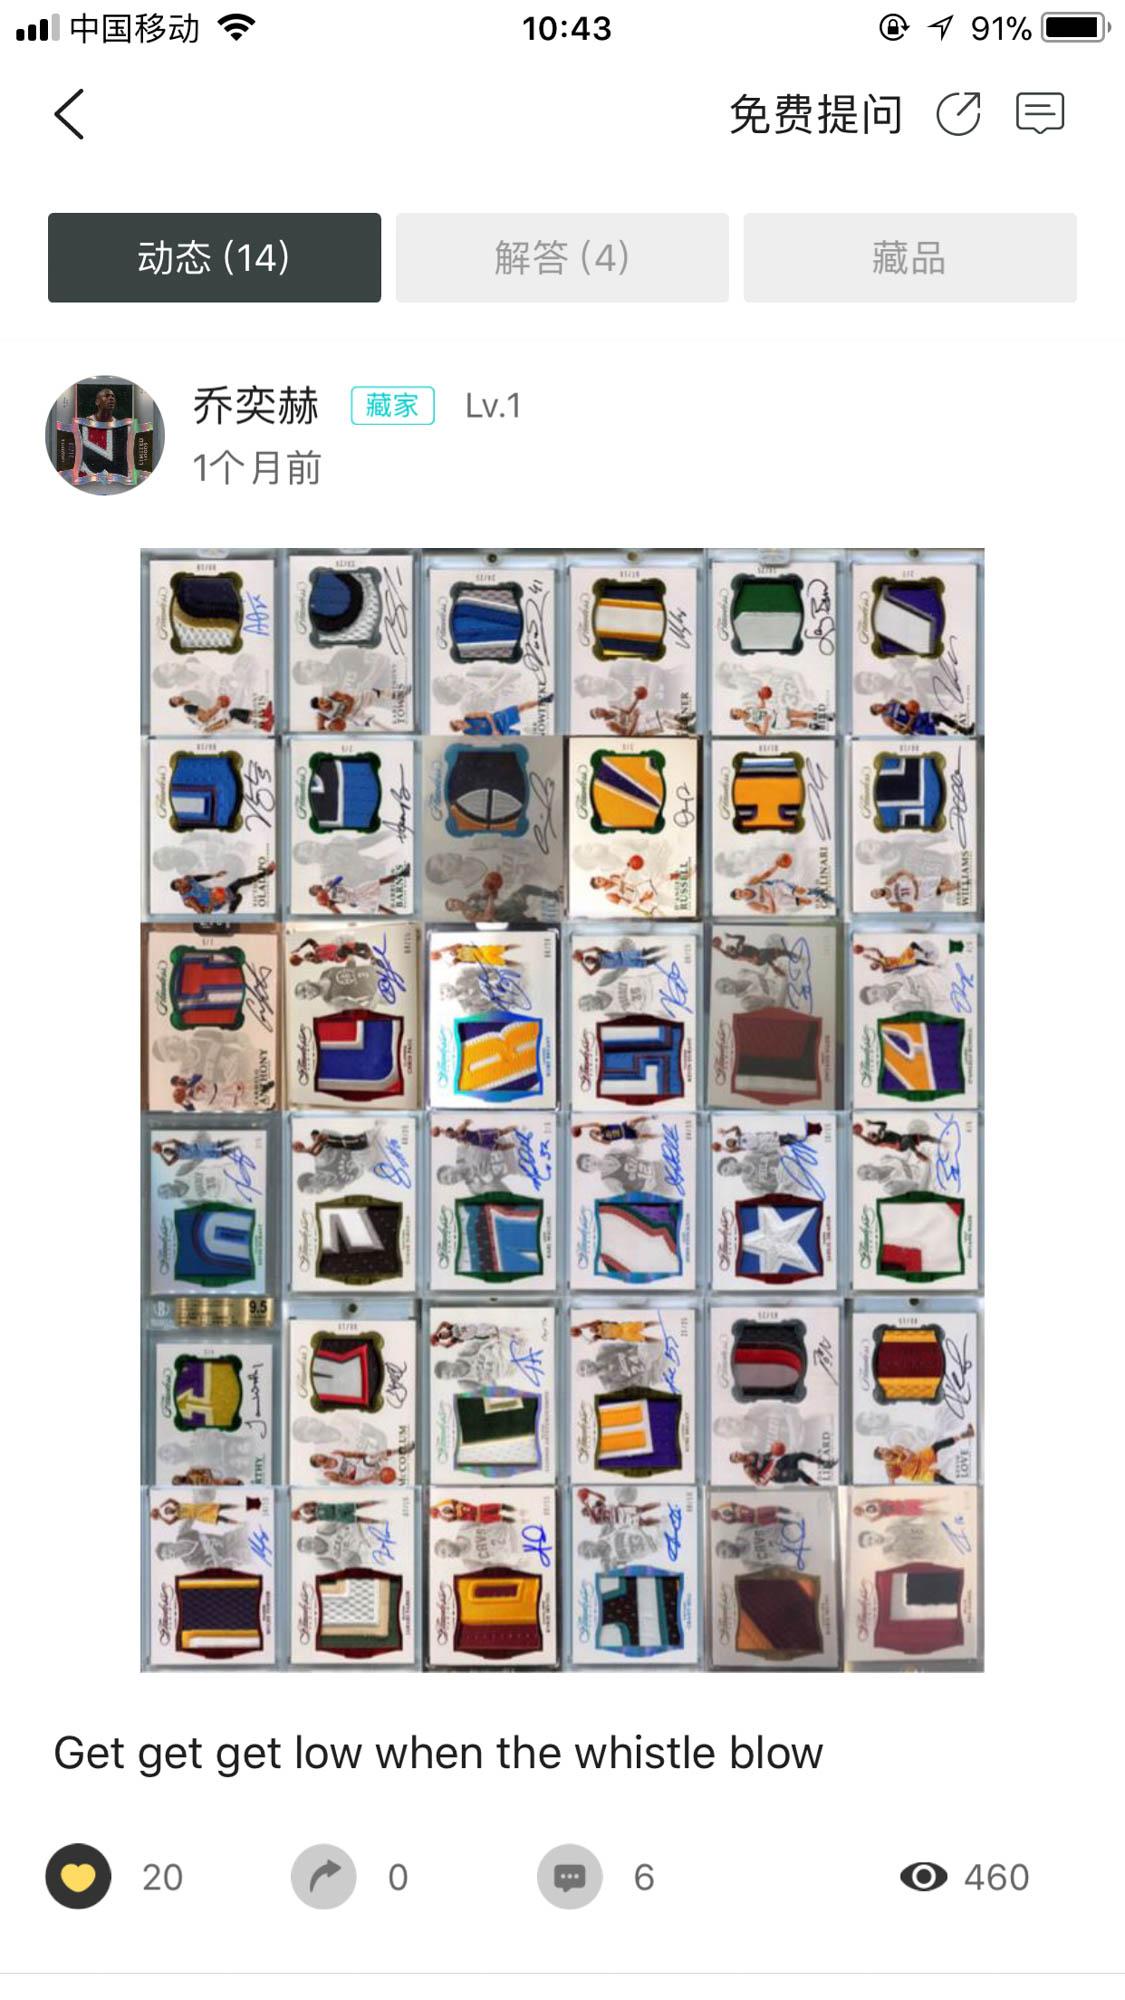 【非卖品】【Not for sale】巢-体育潮流收藏品分享交流社区,可以下载app和里面的藏家玩家交流分享互动【苹果or安卓系统,均可扫描图片中的二维码直接下载】